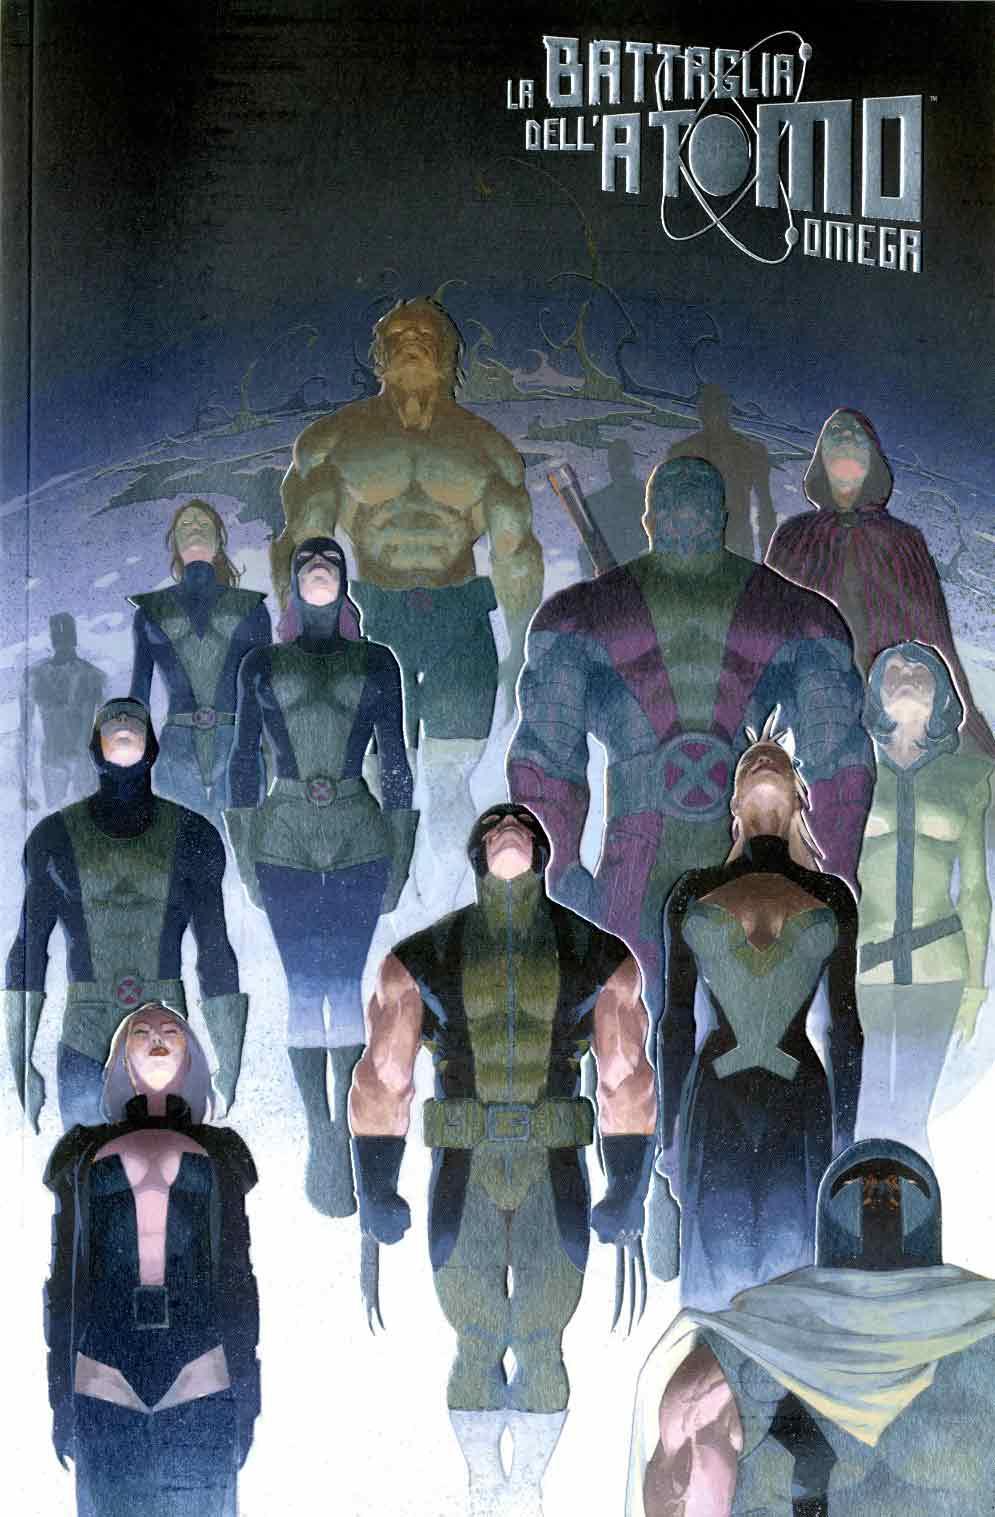 X-Men: La battaglia dell'atomo Omega - Variant FX Metal